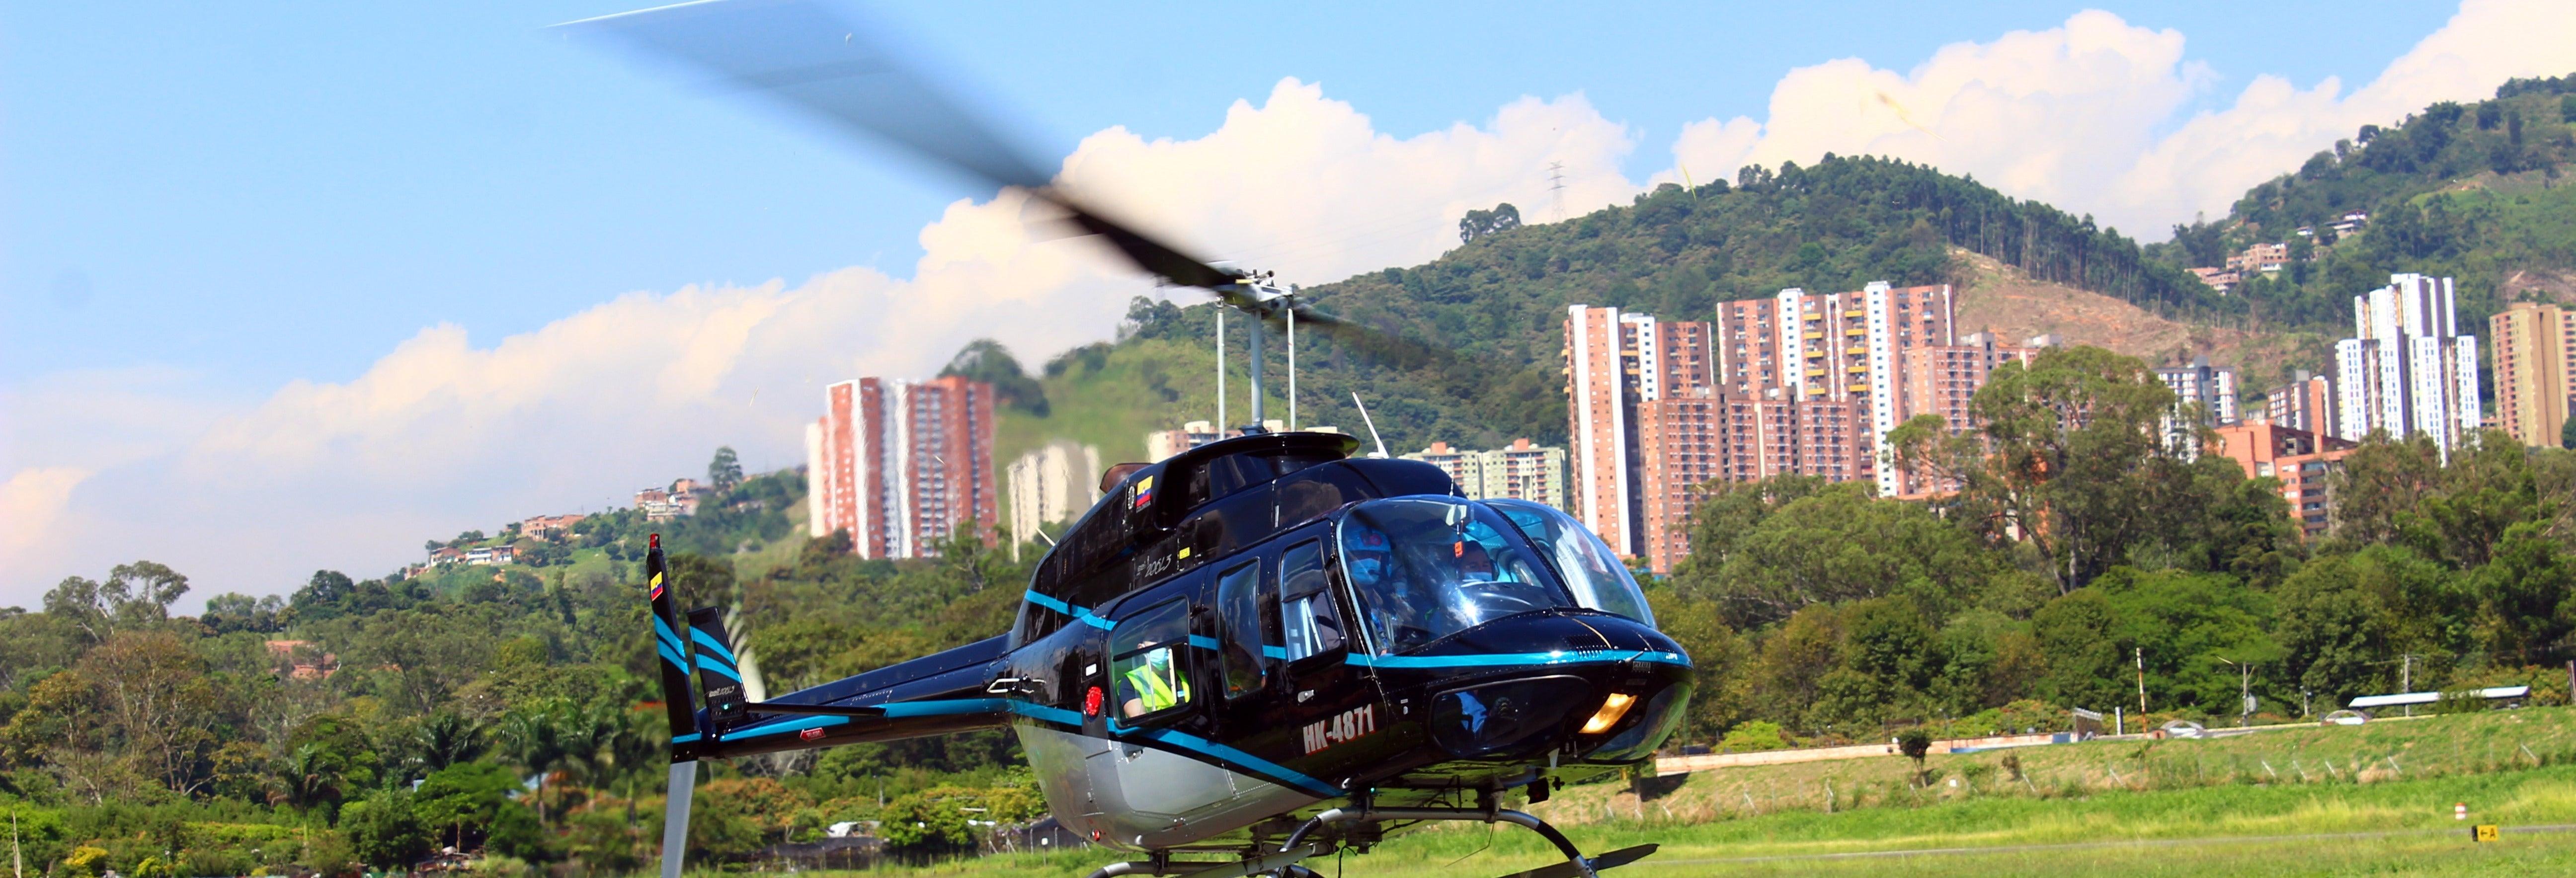 Vol en hélicoptère à Medellin